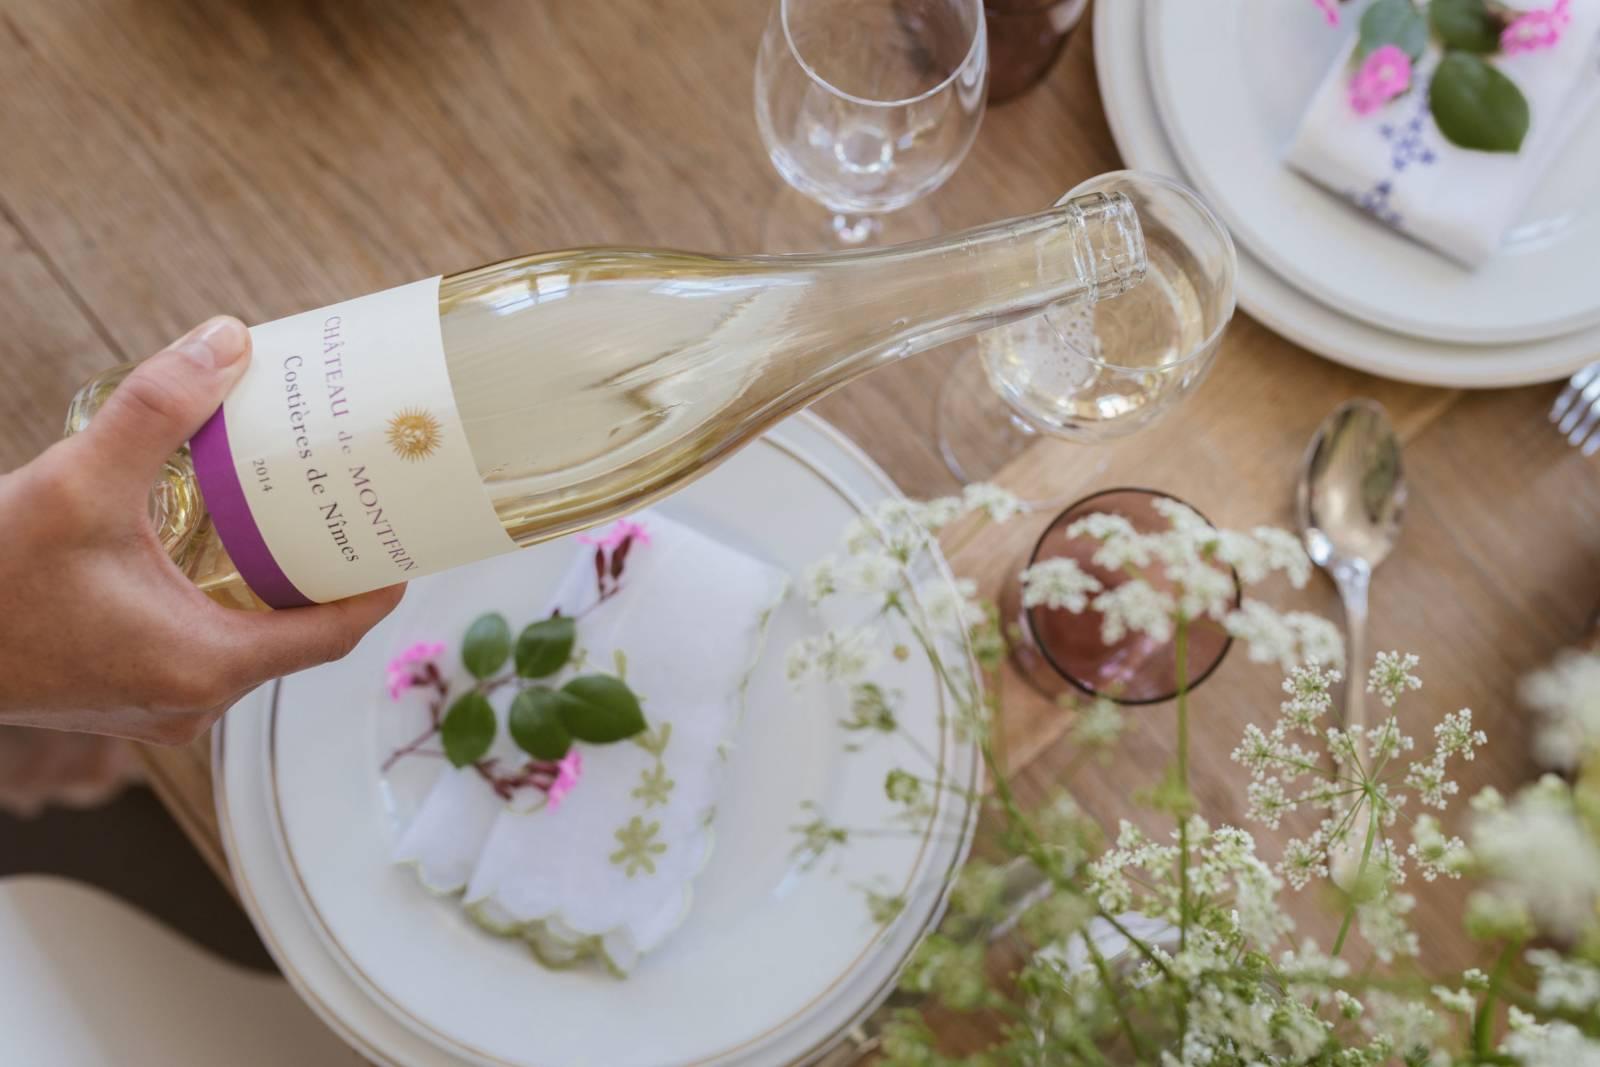 Bring it On - Catering - Fotograaf Melvinkobe - House of Weddings - 5